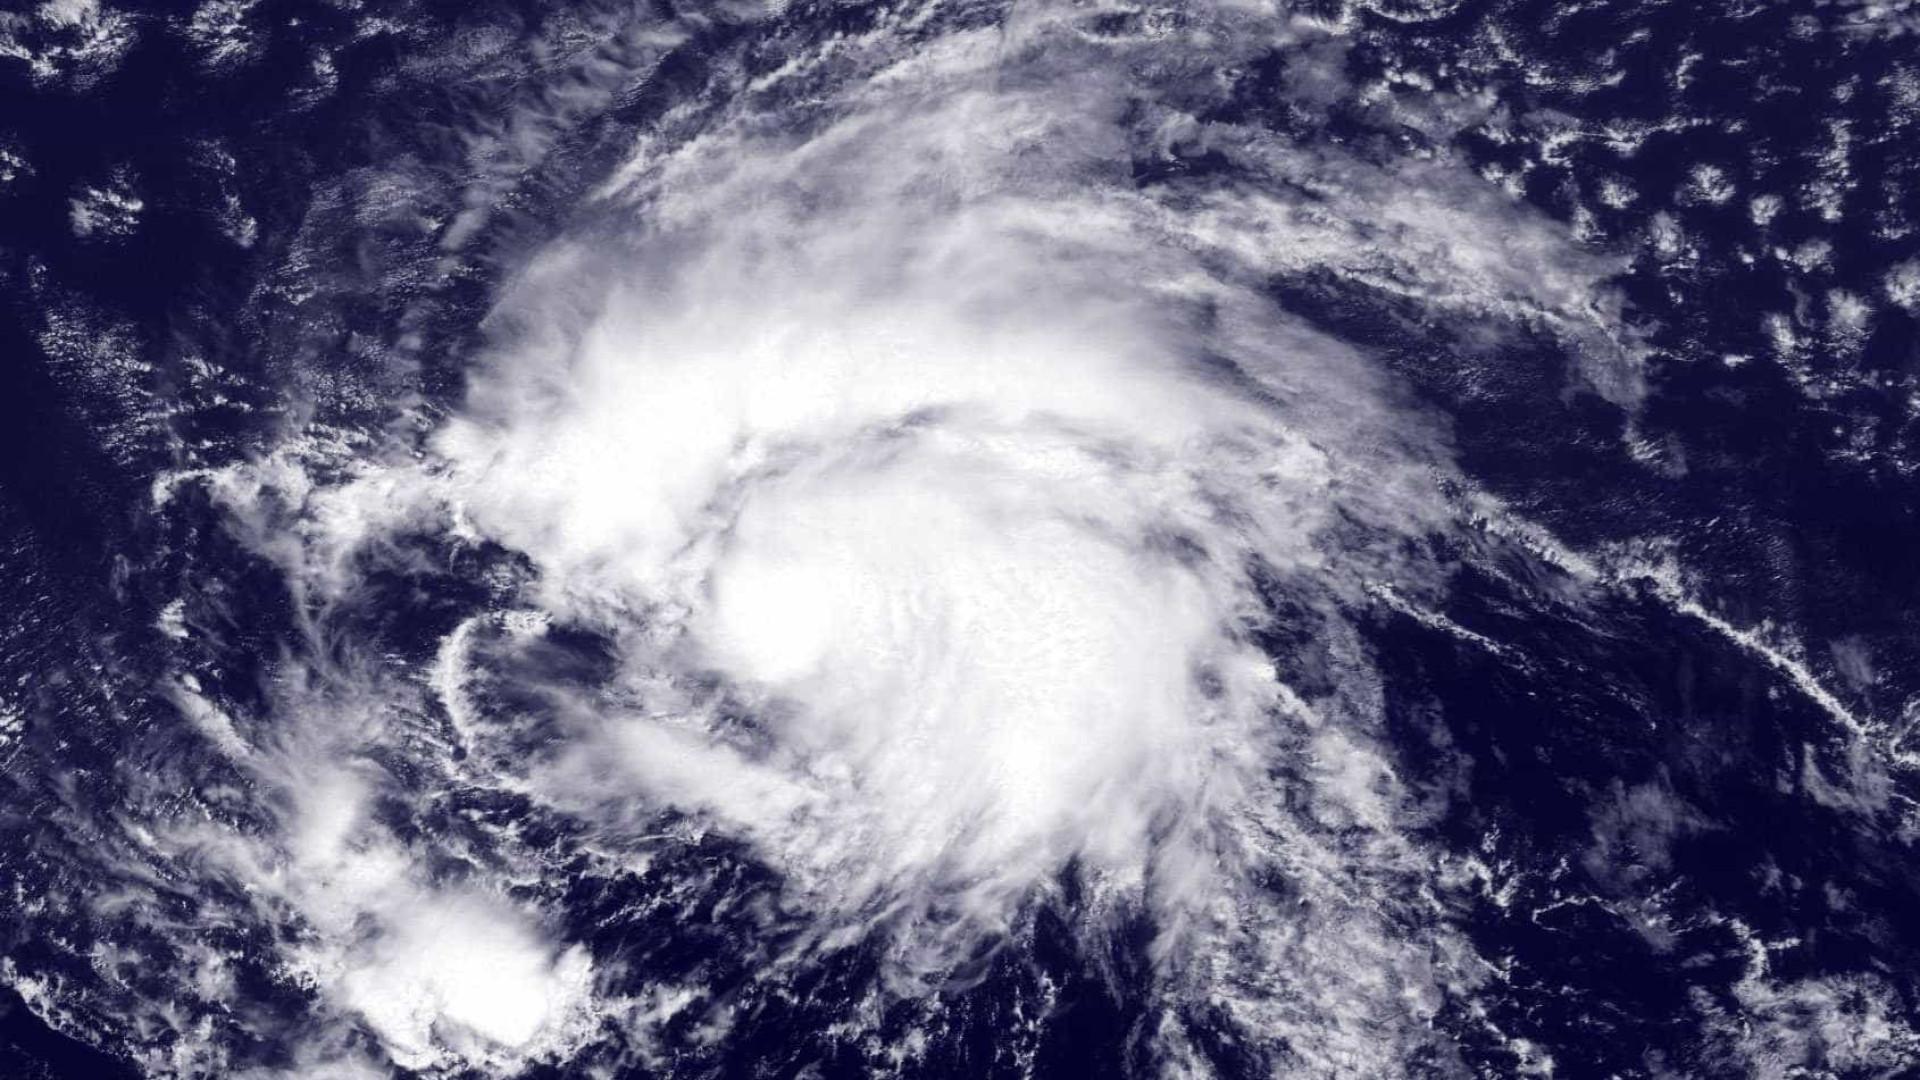 Furacão Ophelia continua a aproximar-se dos Açores